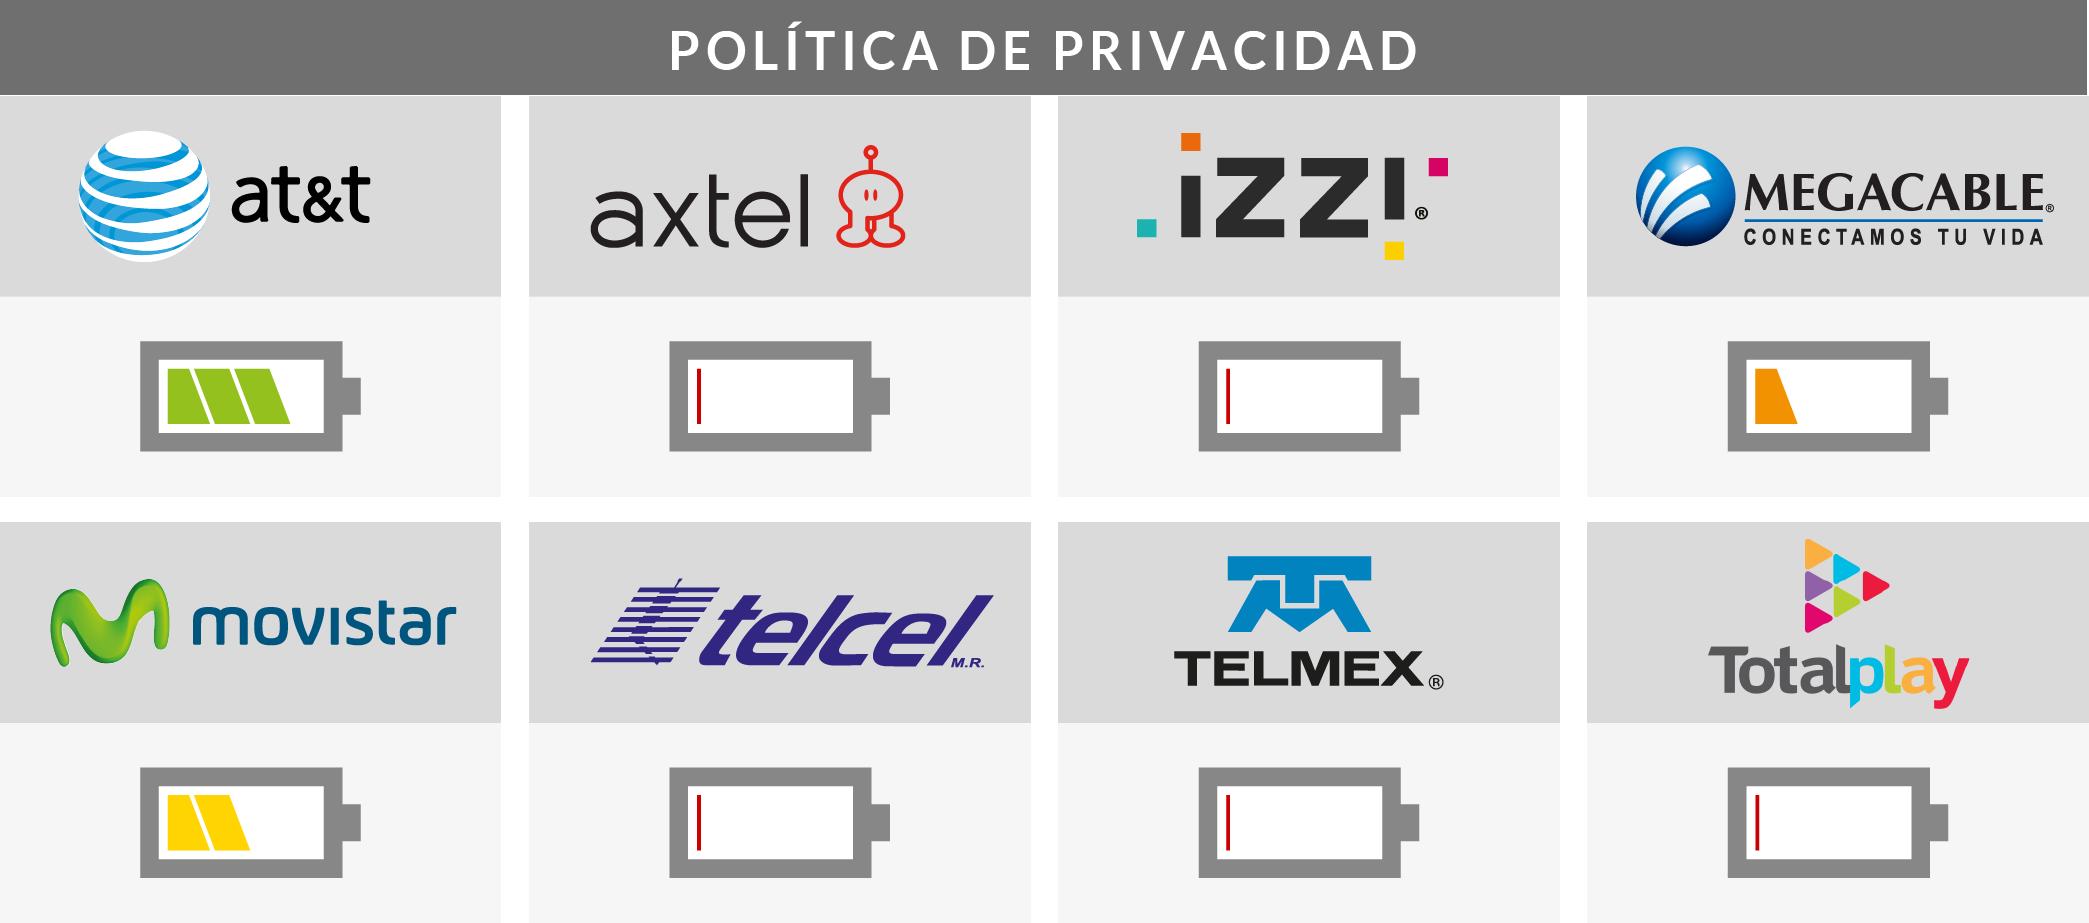 Tabla 02_politica